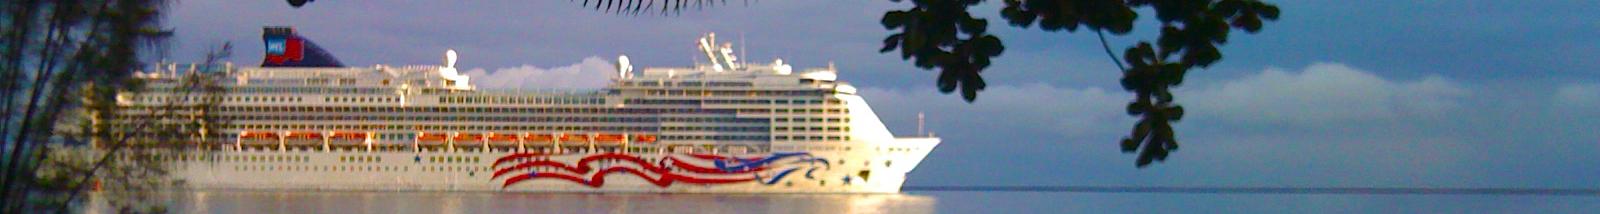 Pride-of-America-cruise-ship